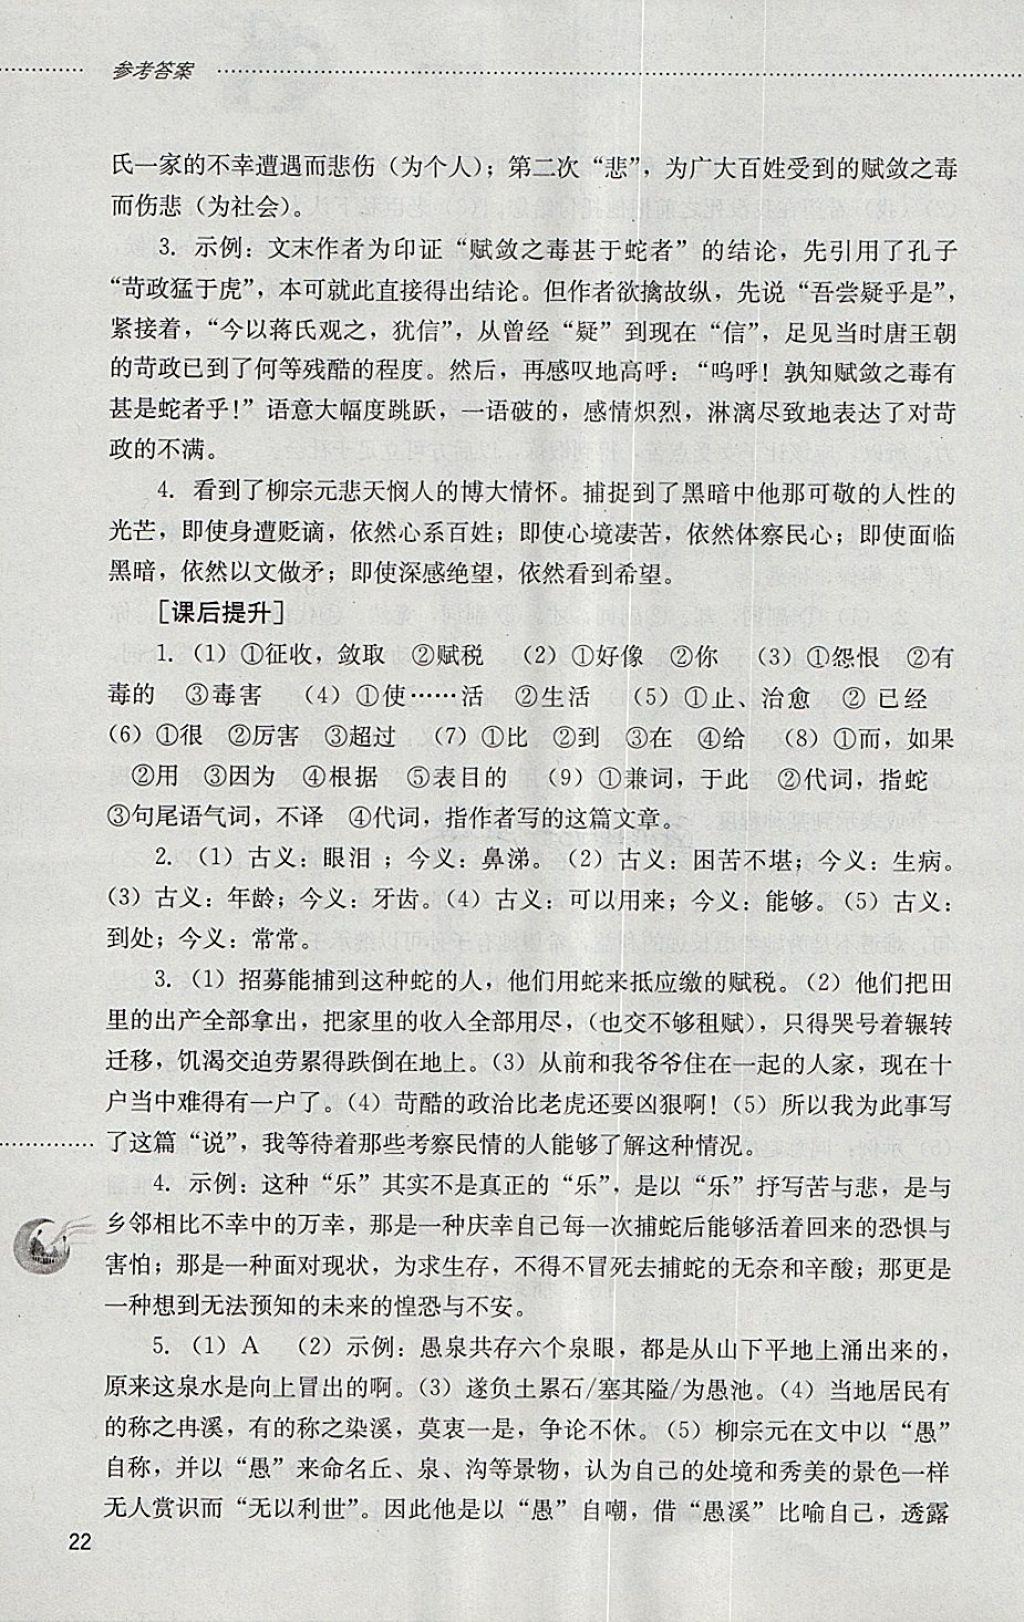 2018年初中课堂同步训练九年级语文下册山东文艺出版社第22页